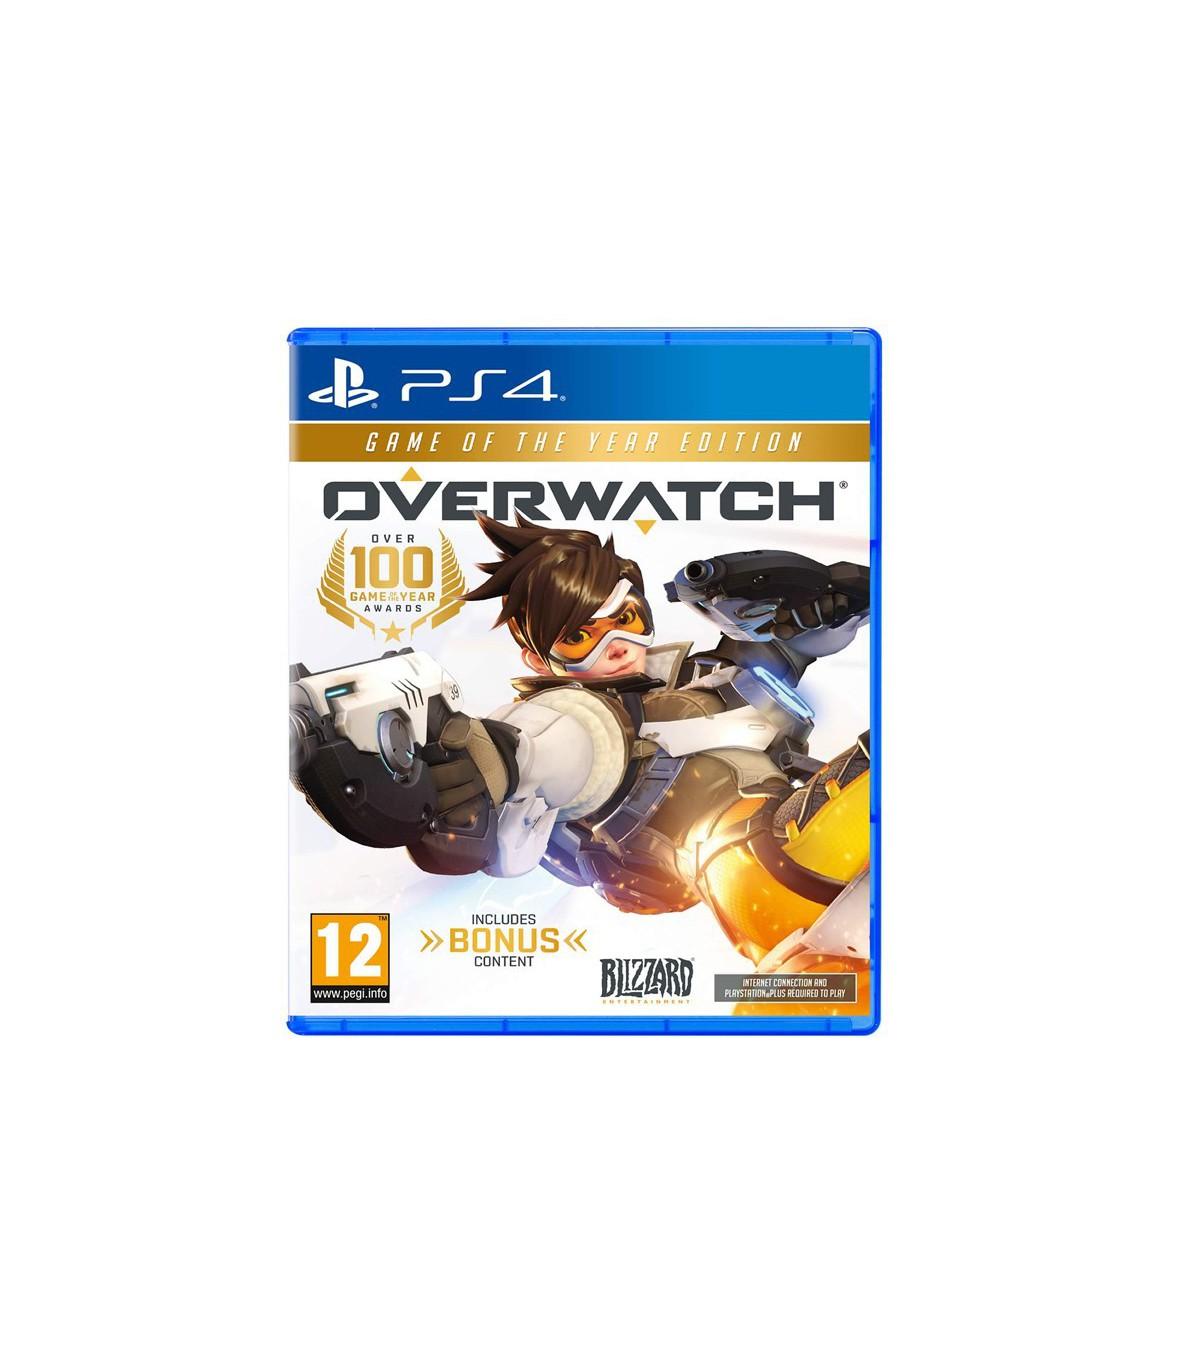 بازی Overwatch Game Of The Year Edition